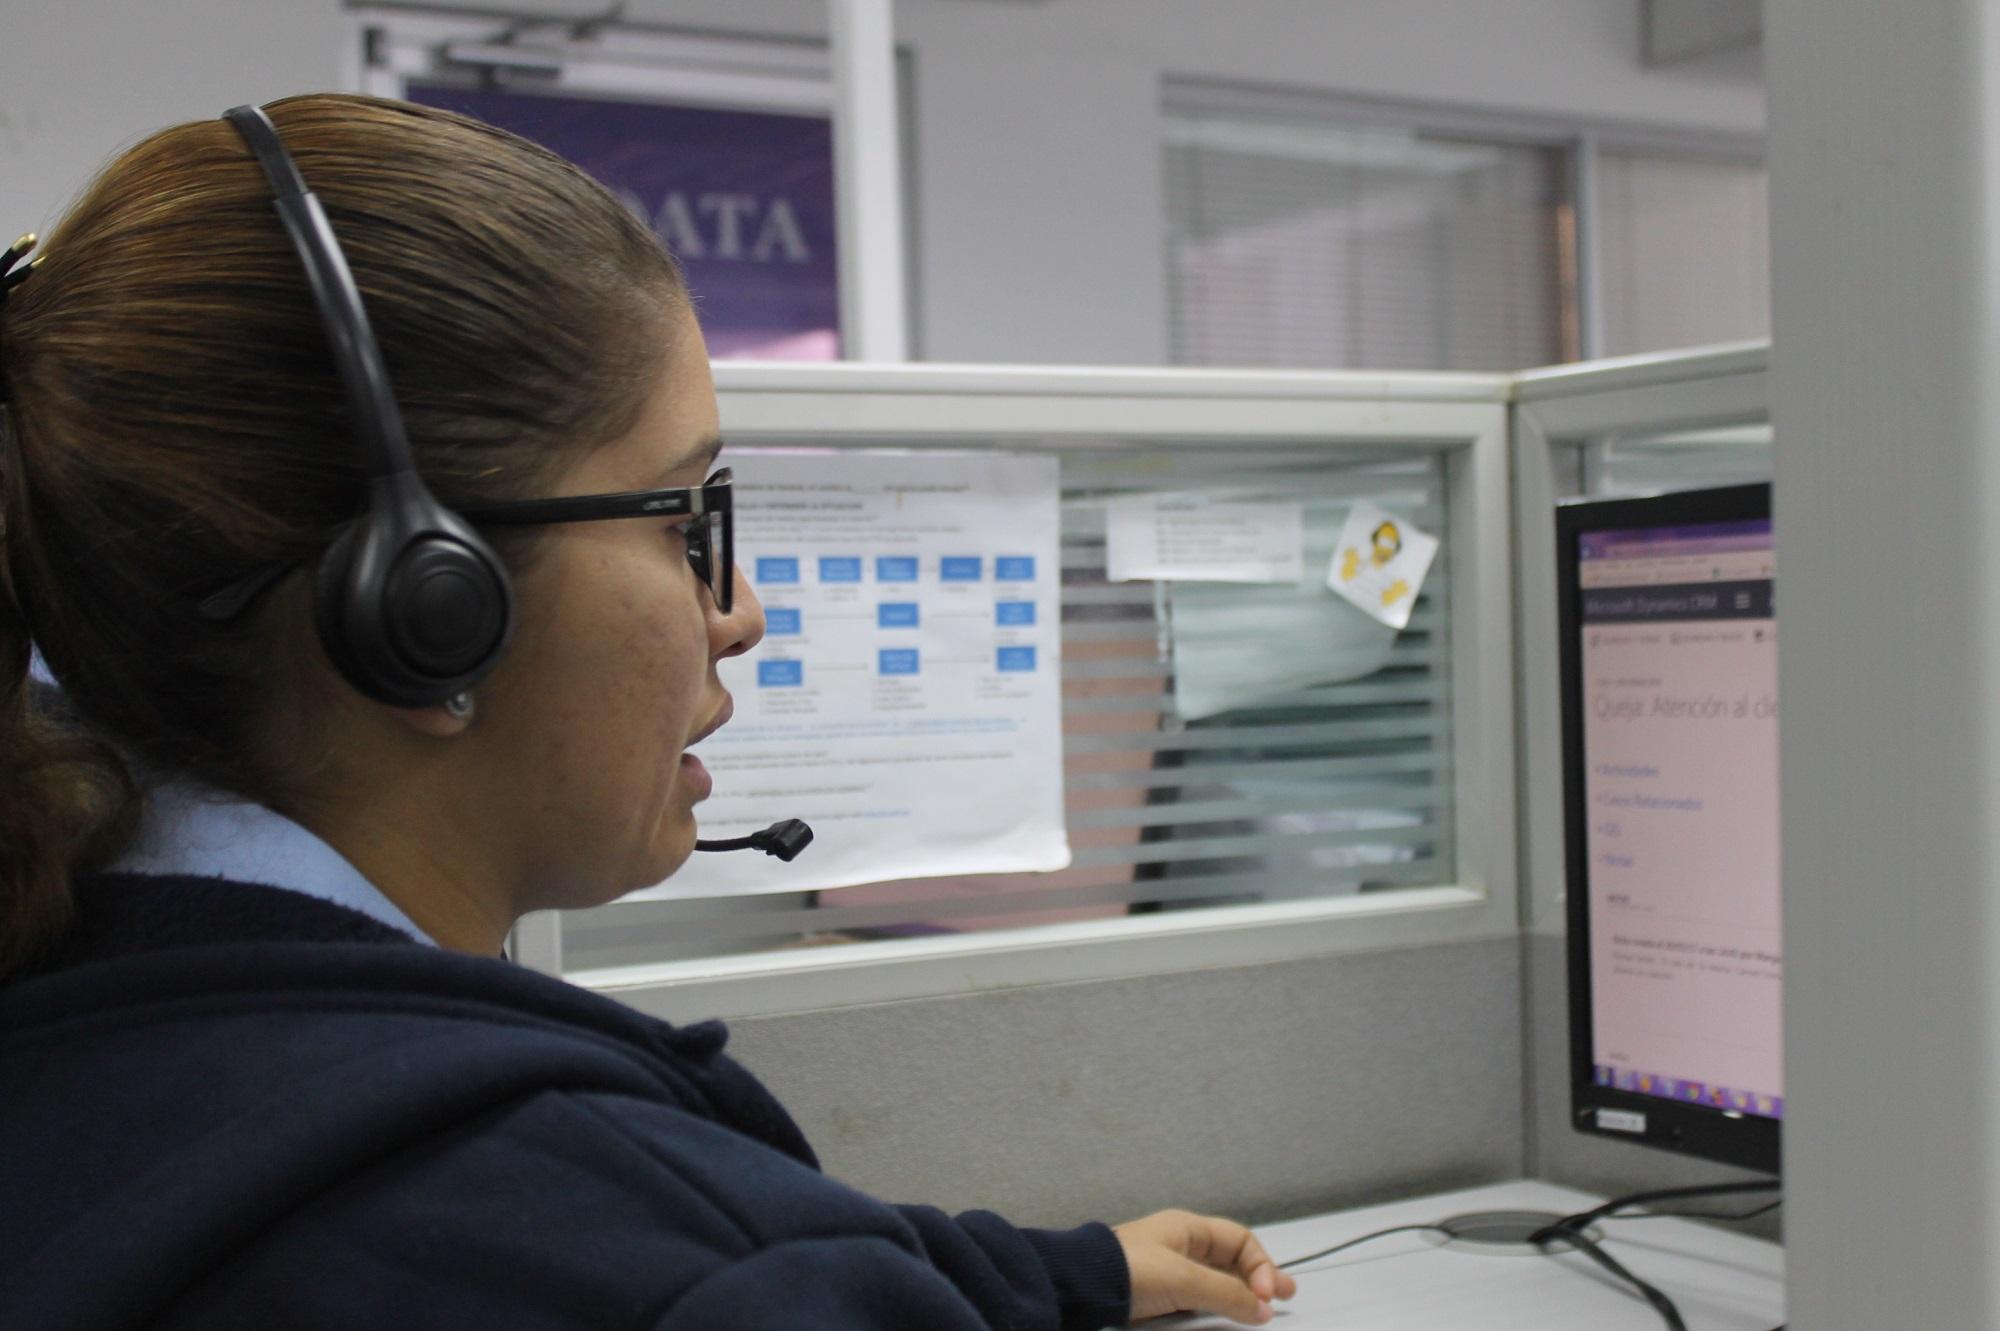 Muchos de los operadores son jóvenes estudiantes de oficios afines a ciencias sociales-1